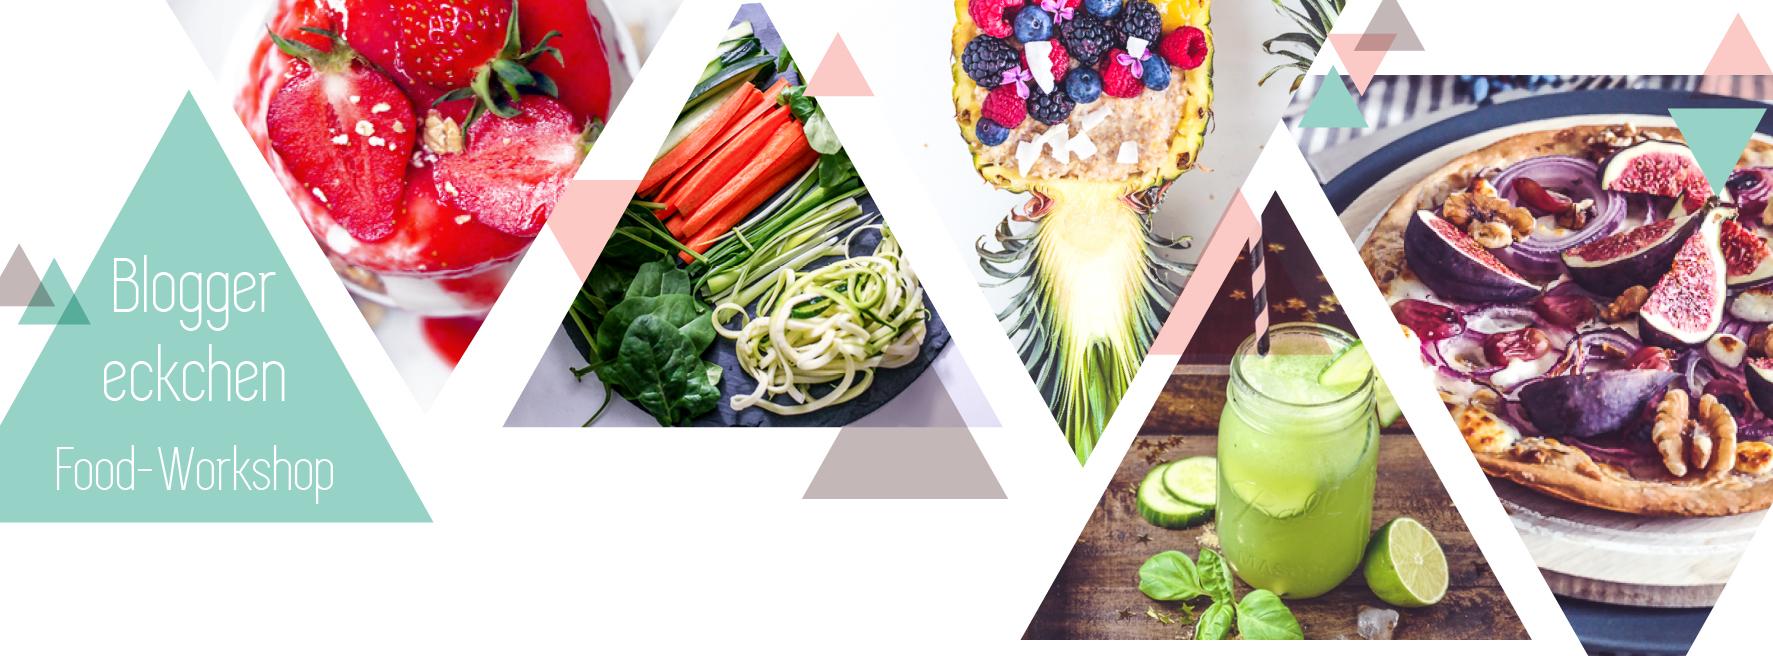 Header_Bloggereckchen_Food Workshop